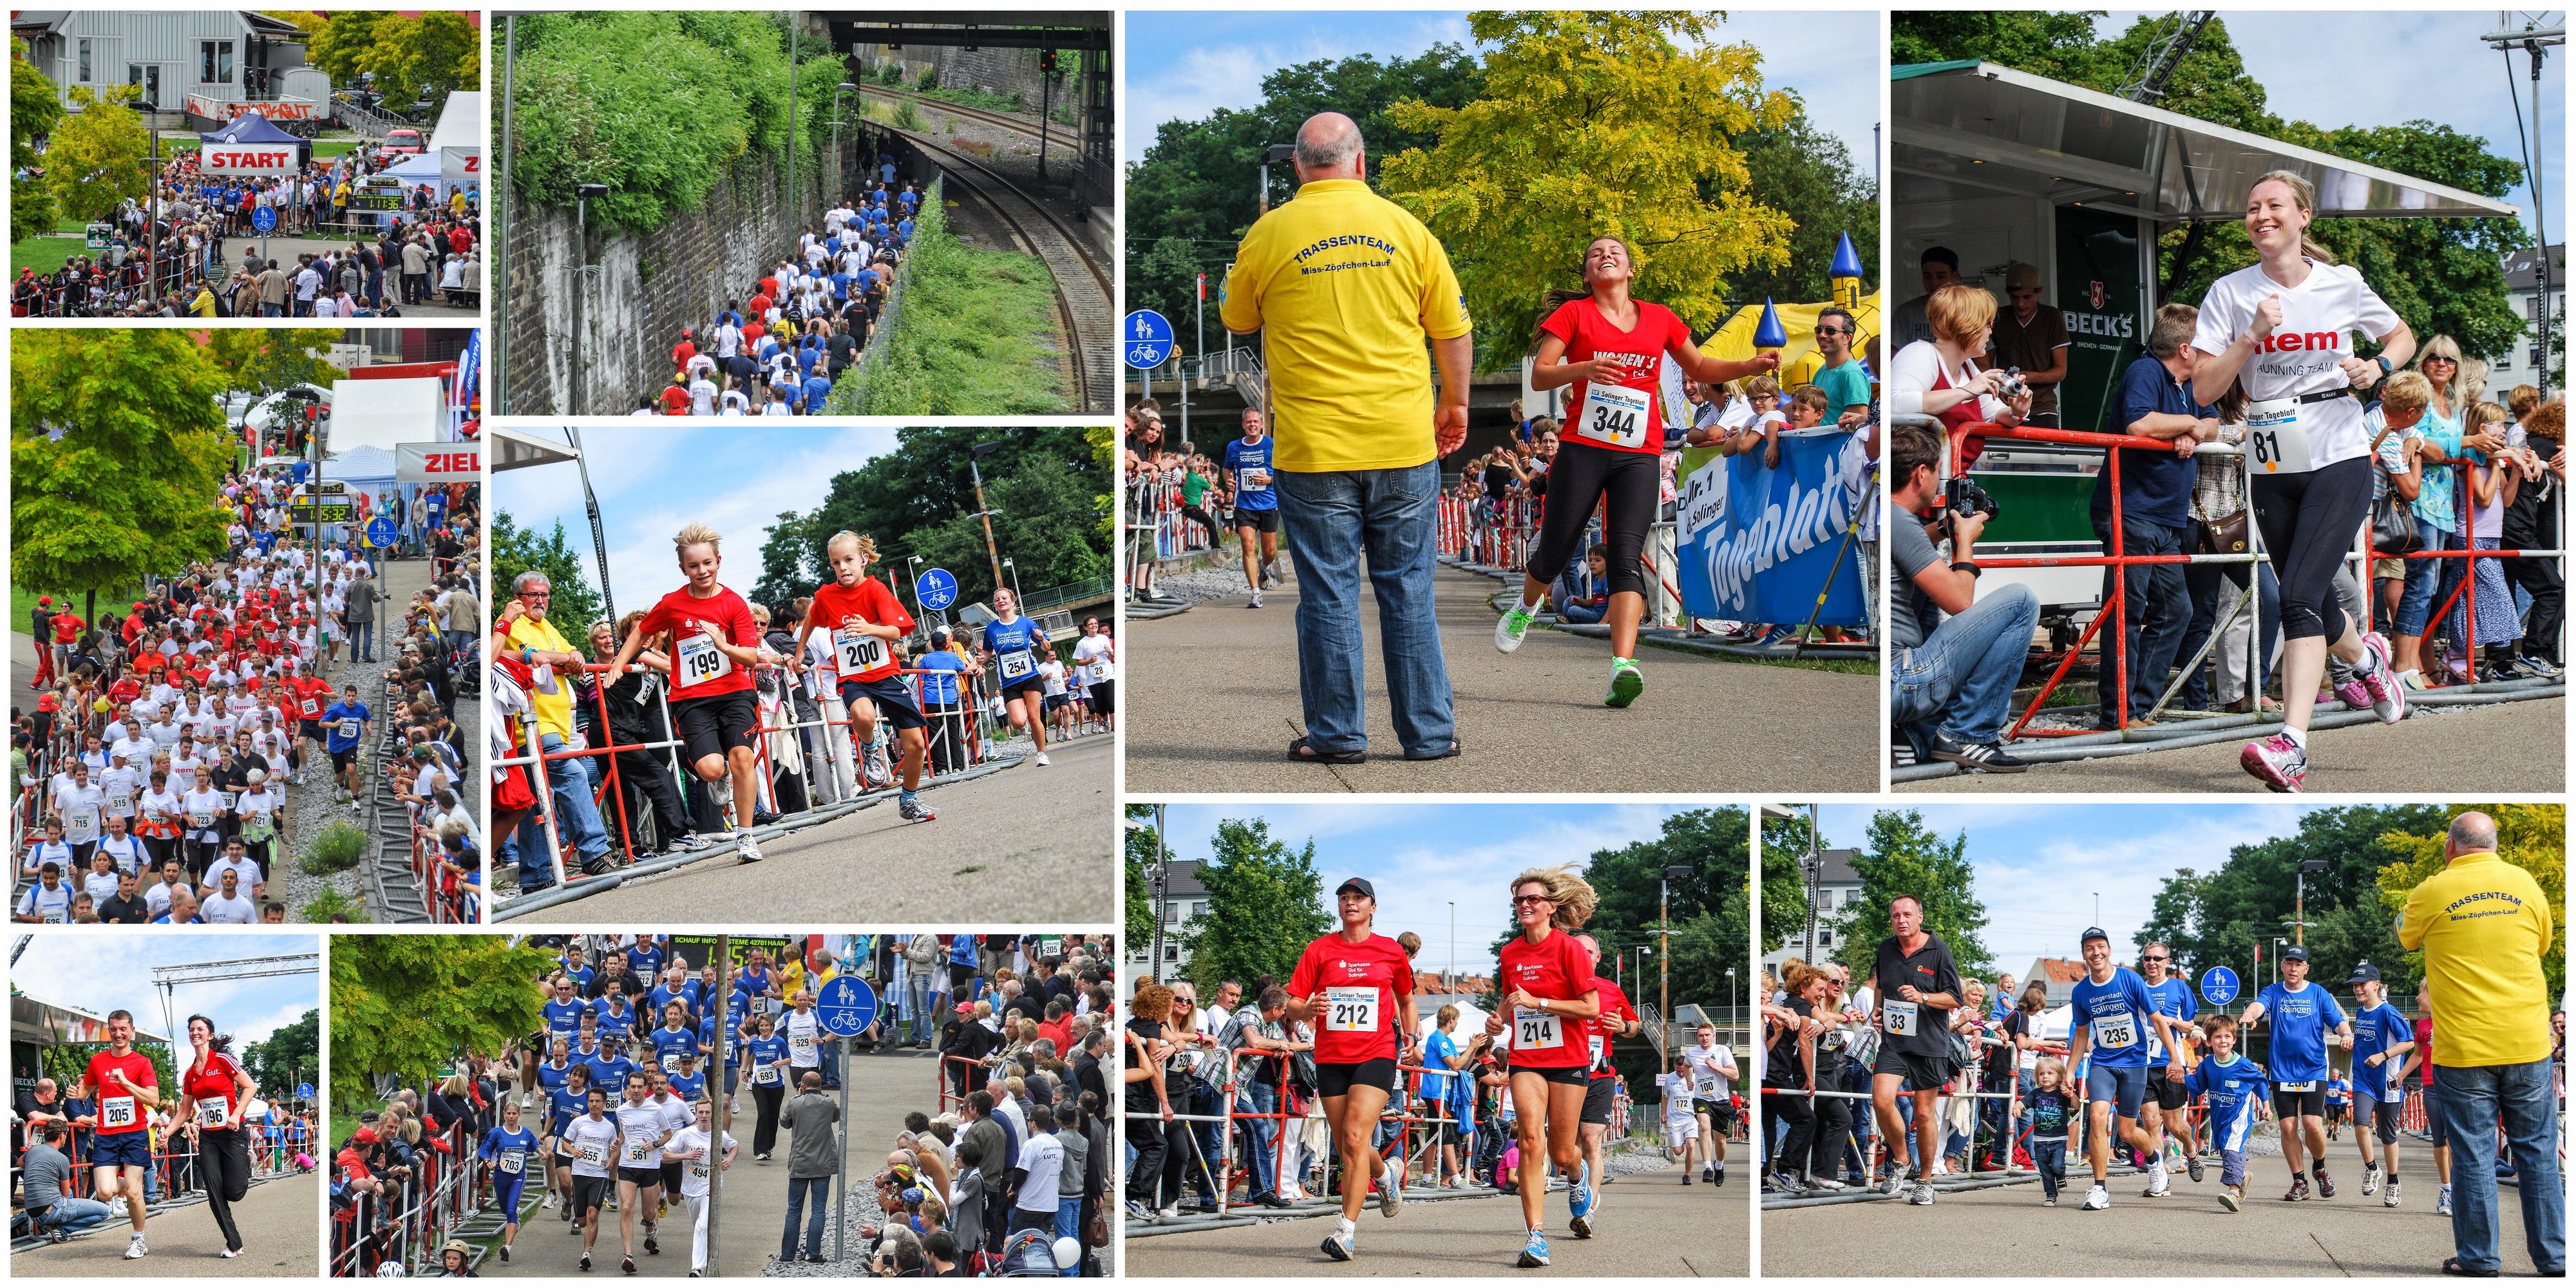 Fotos Bilder Bericht Miss Zöpfchen Lauf 2013 5 10 Bambini Marathon Firmenlauf Halbmarathon Trasse Drohne Alf Dahl Copter Heli Luftaufnahmen Luftbilder